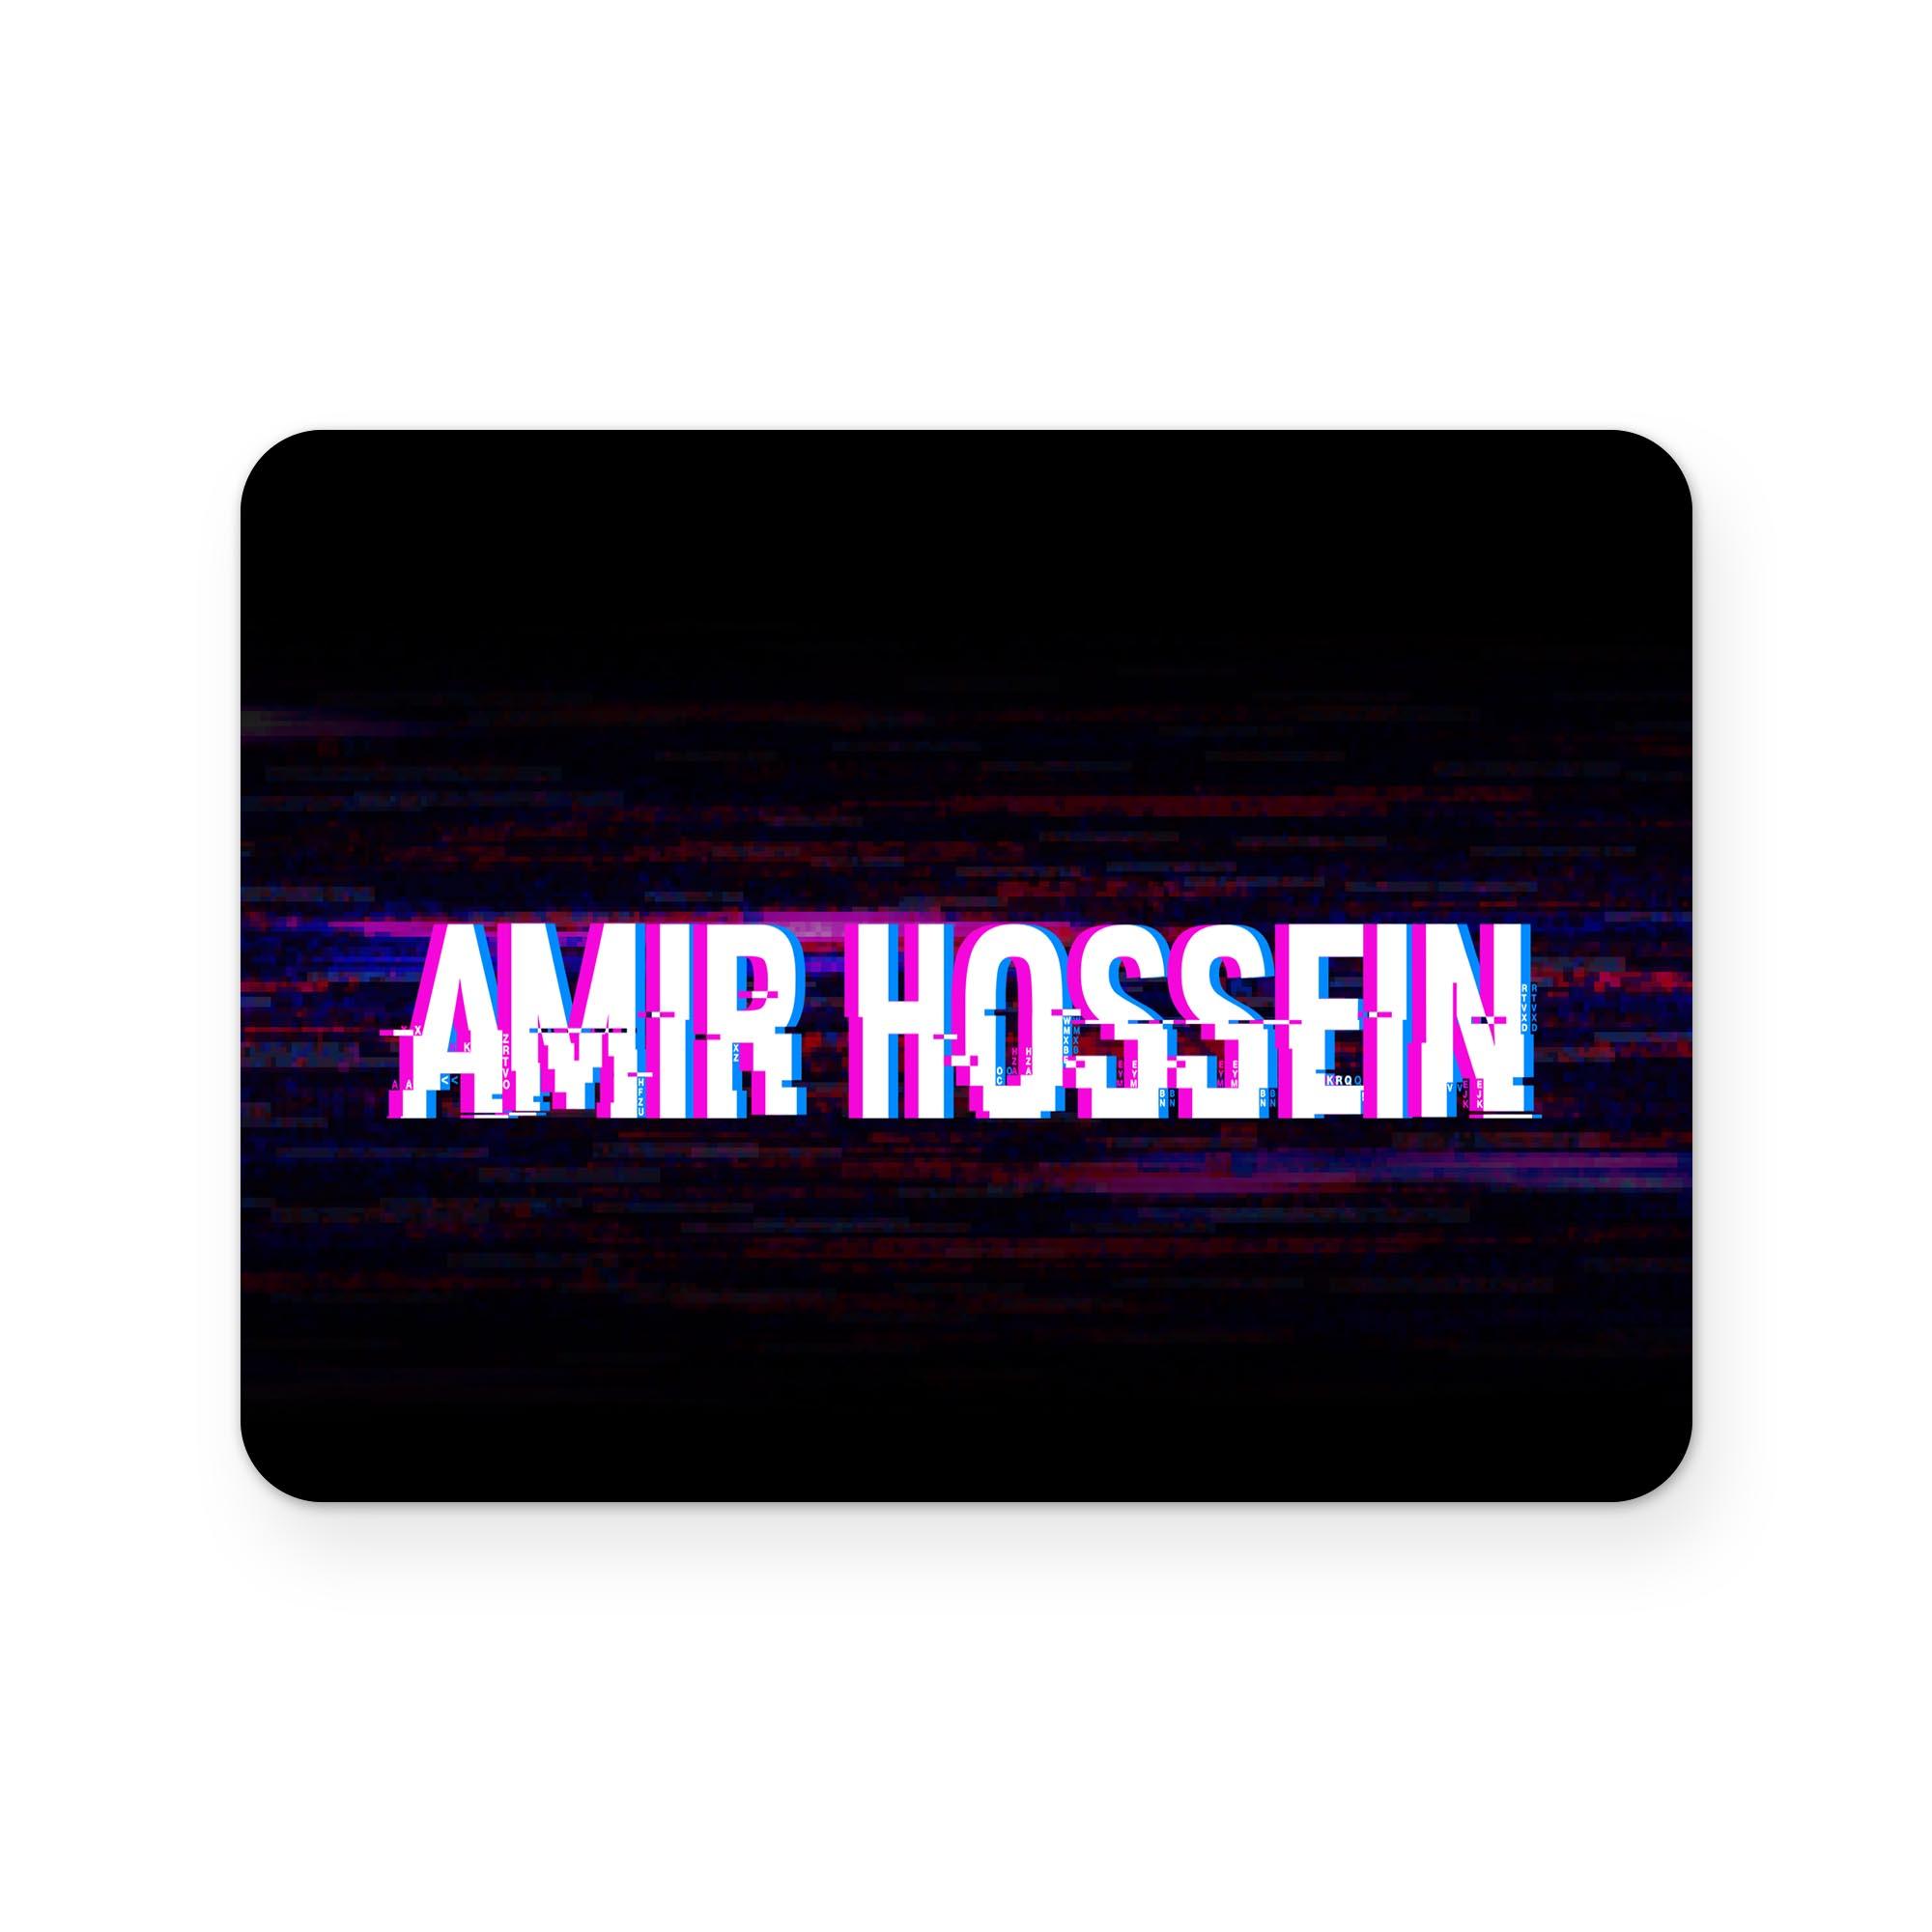 بررسی و {خرید با تخفیف} برچسب تاچ پد دسته پلی استیشن 4 ونسونی طرح AMIR HOSSEIN اصل